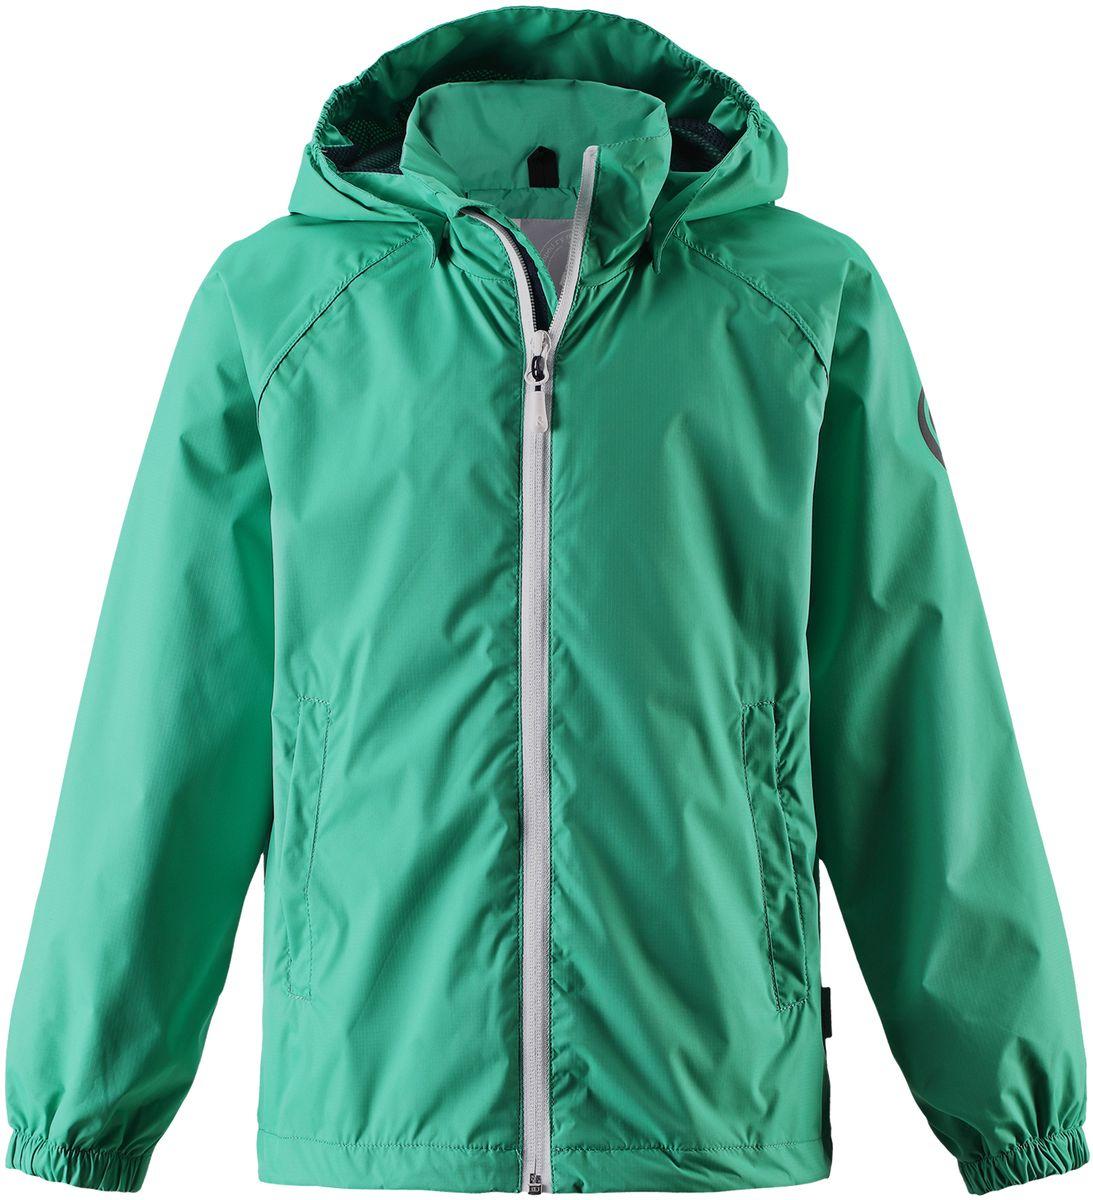 Куртка детская Reima Roder, цвет: зеленый. 5312758800. Размер 1405312758800Эту очень легкую куртку можно хранить в ее собственном кармане! Но это совершенно не сказалось на качестве: дышащий материал не пропускает ветер и дождь, а все самые важные швы заклеены, водонепроницаемы. Простая в уходе куртка практически не мнется и снабжена съемным капюшоном. Капюшон безопасен во время игр на улице, он легко отстегнется, если за что-нибудь зацепится. Регулируемый подол и талия, карманы с клапанами завершают образ.